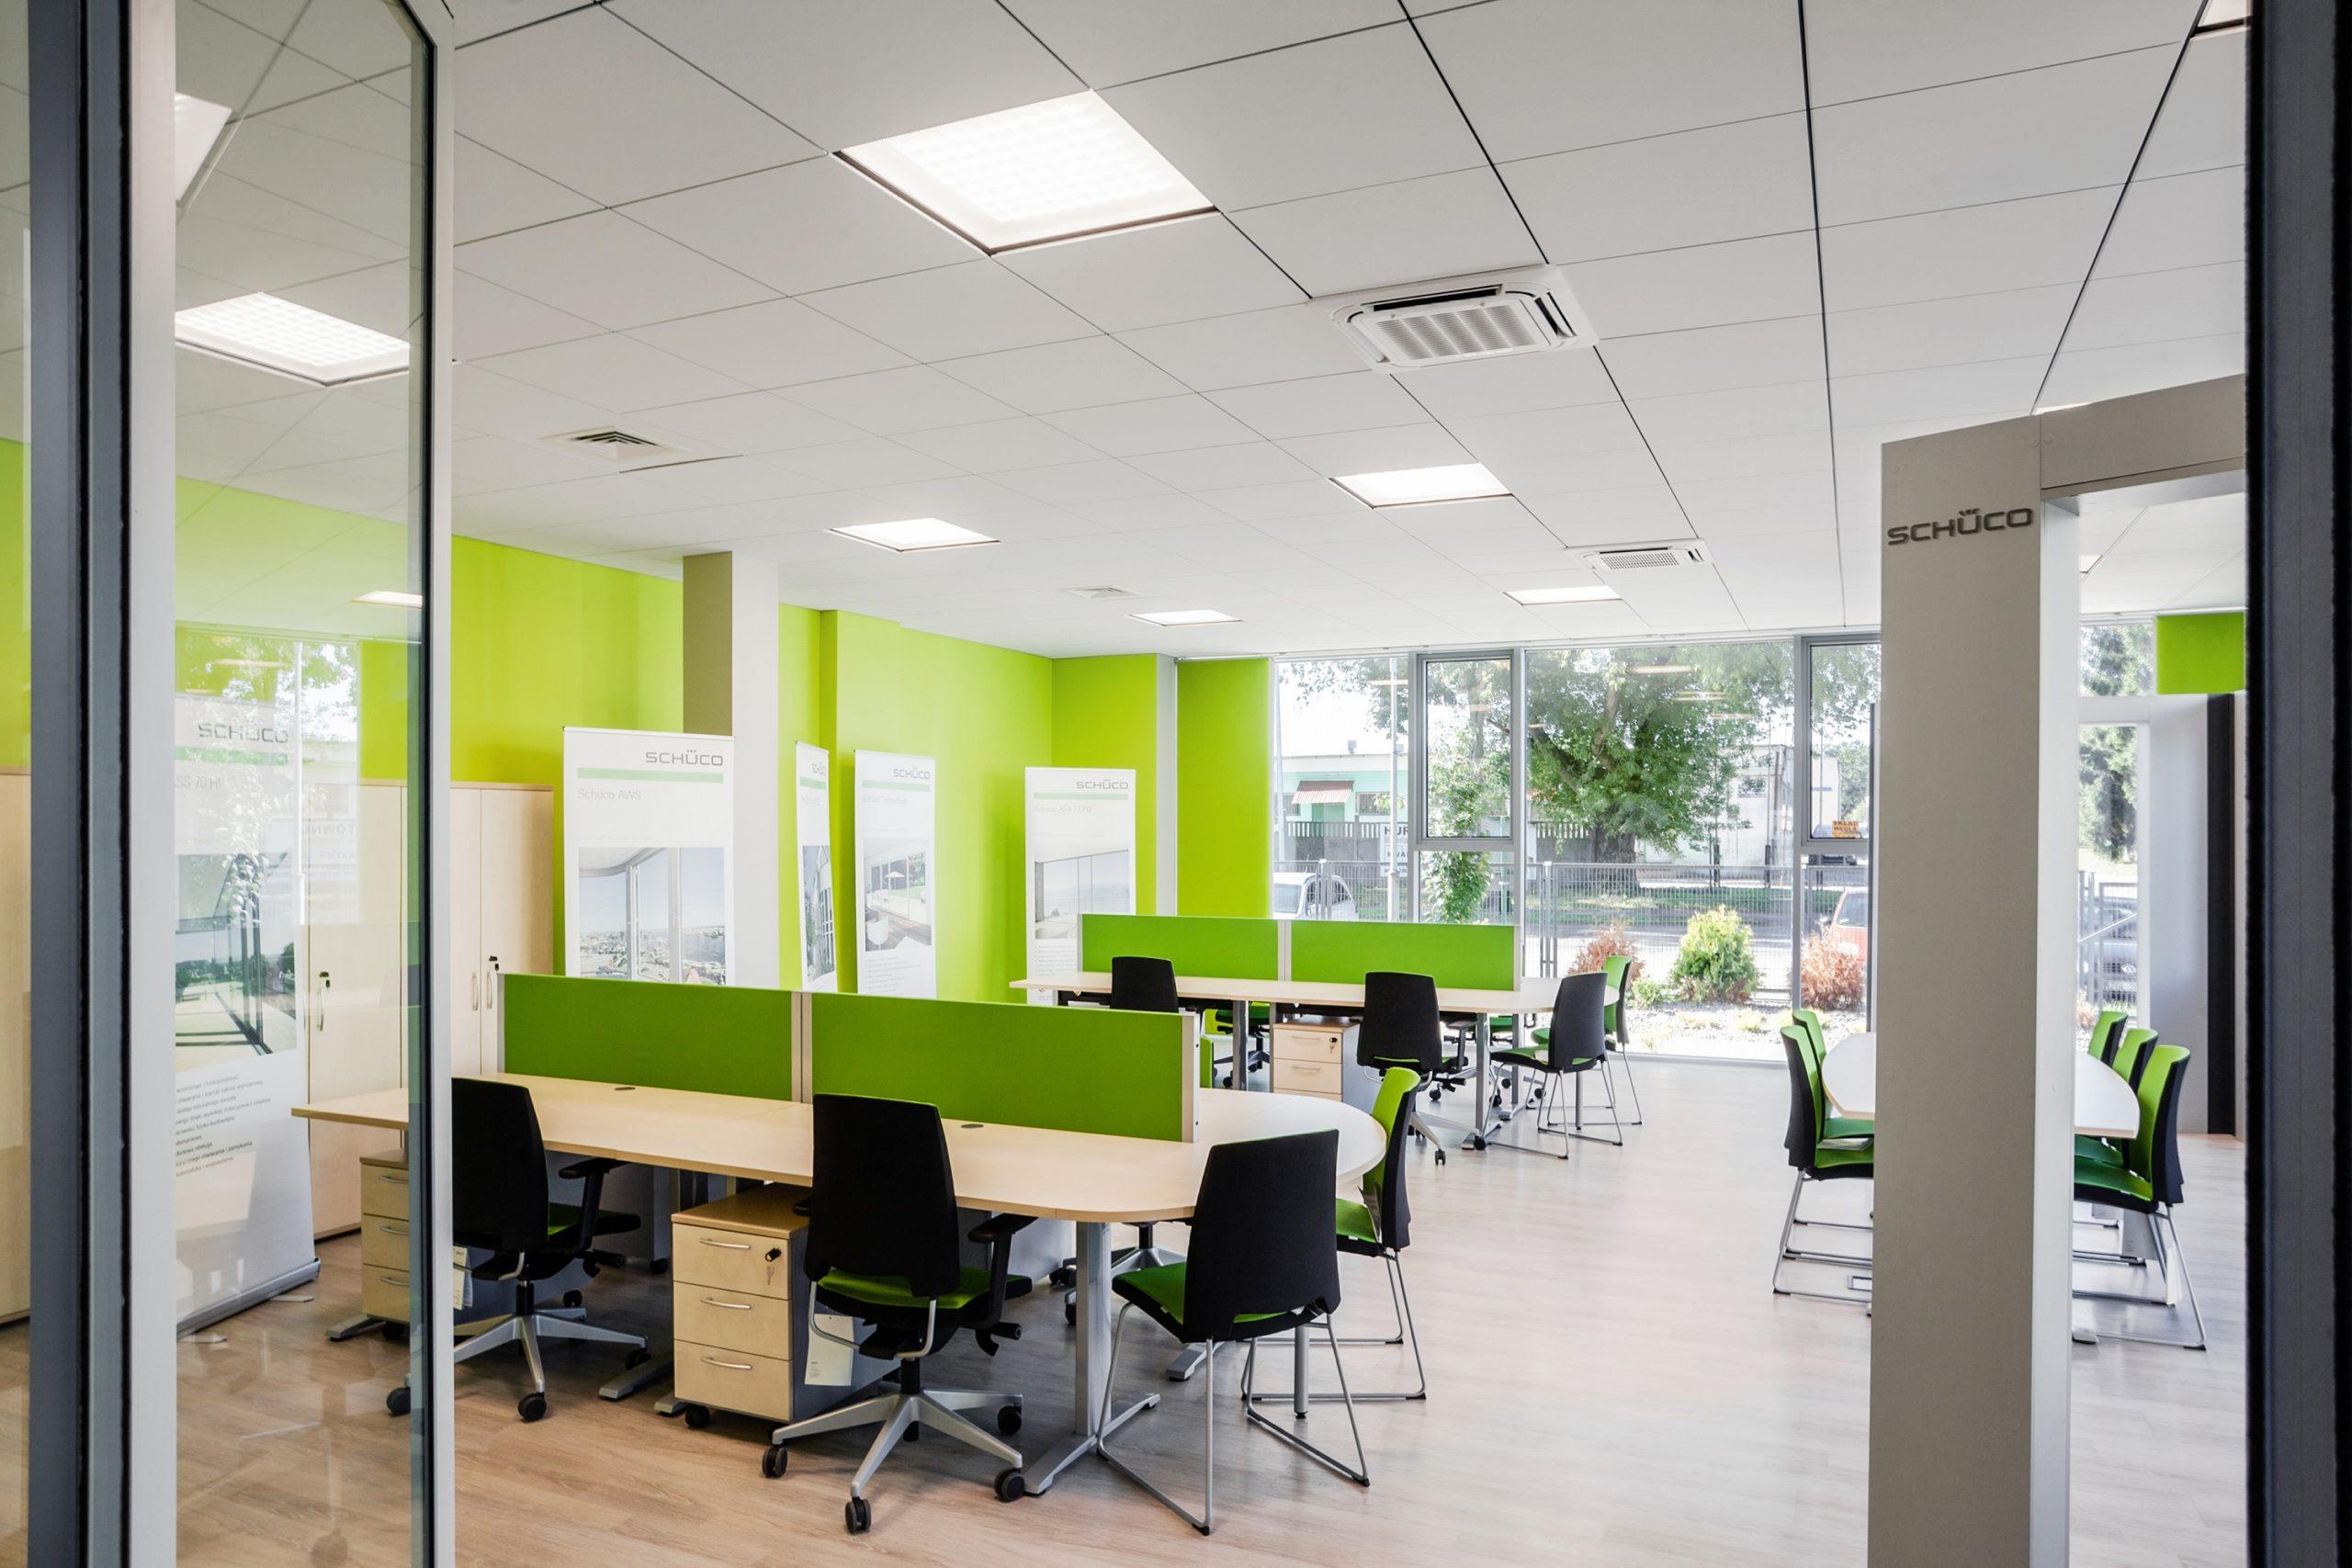 Oprawy biurowe Edge w biurowcu Goleniów, który przeszedł modernizację oświetlenia - Luxon LED